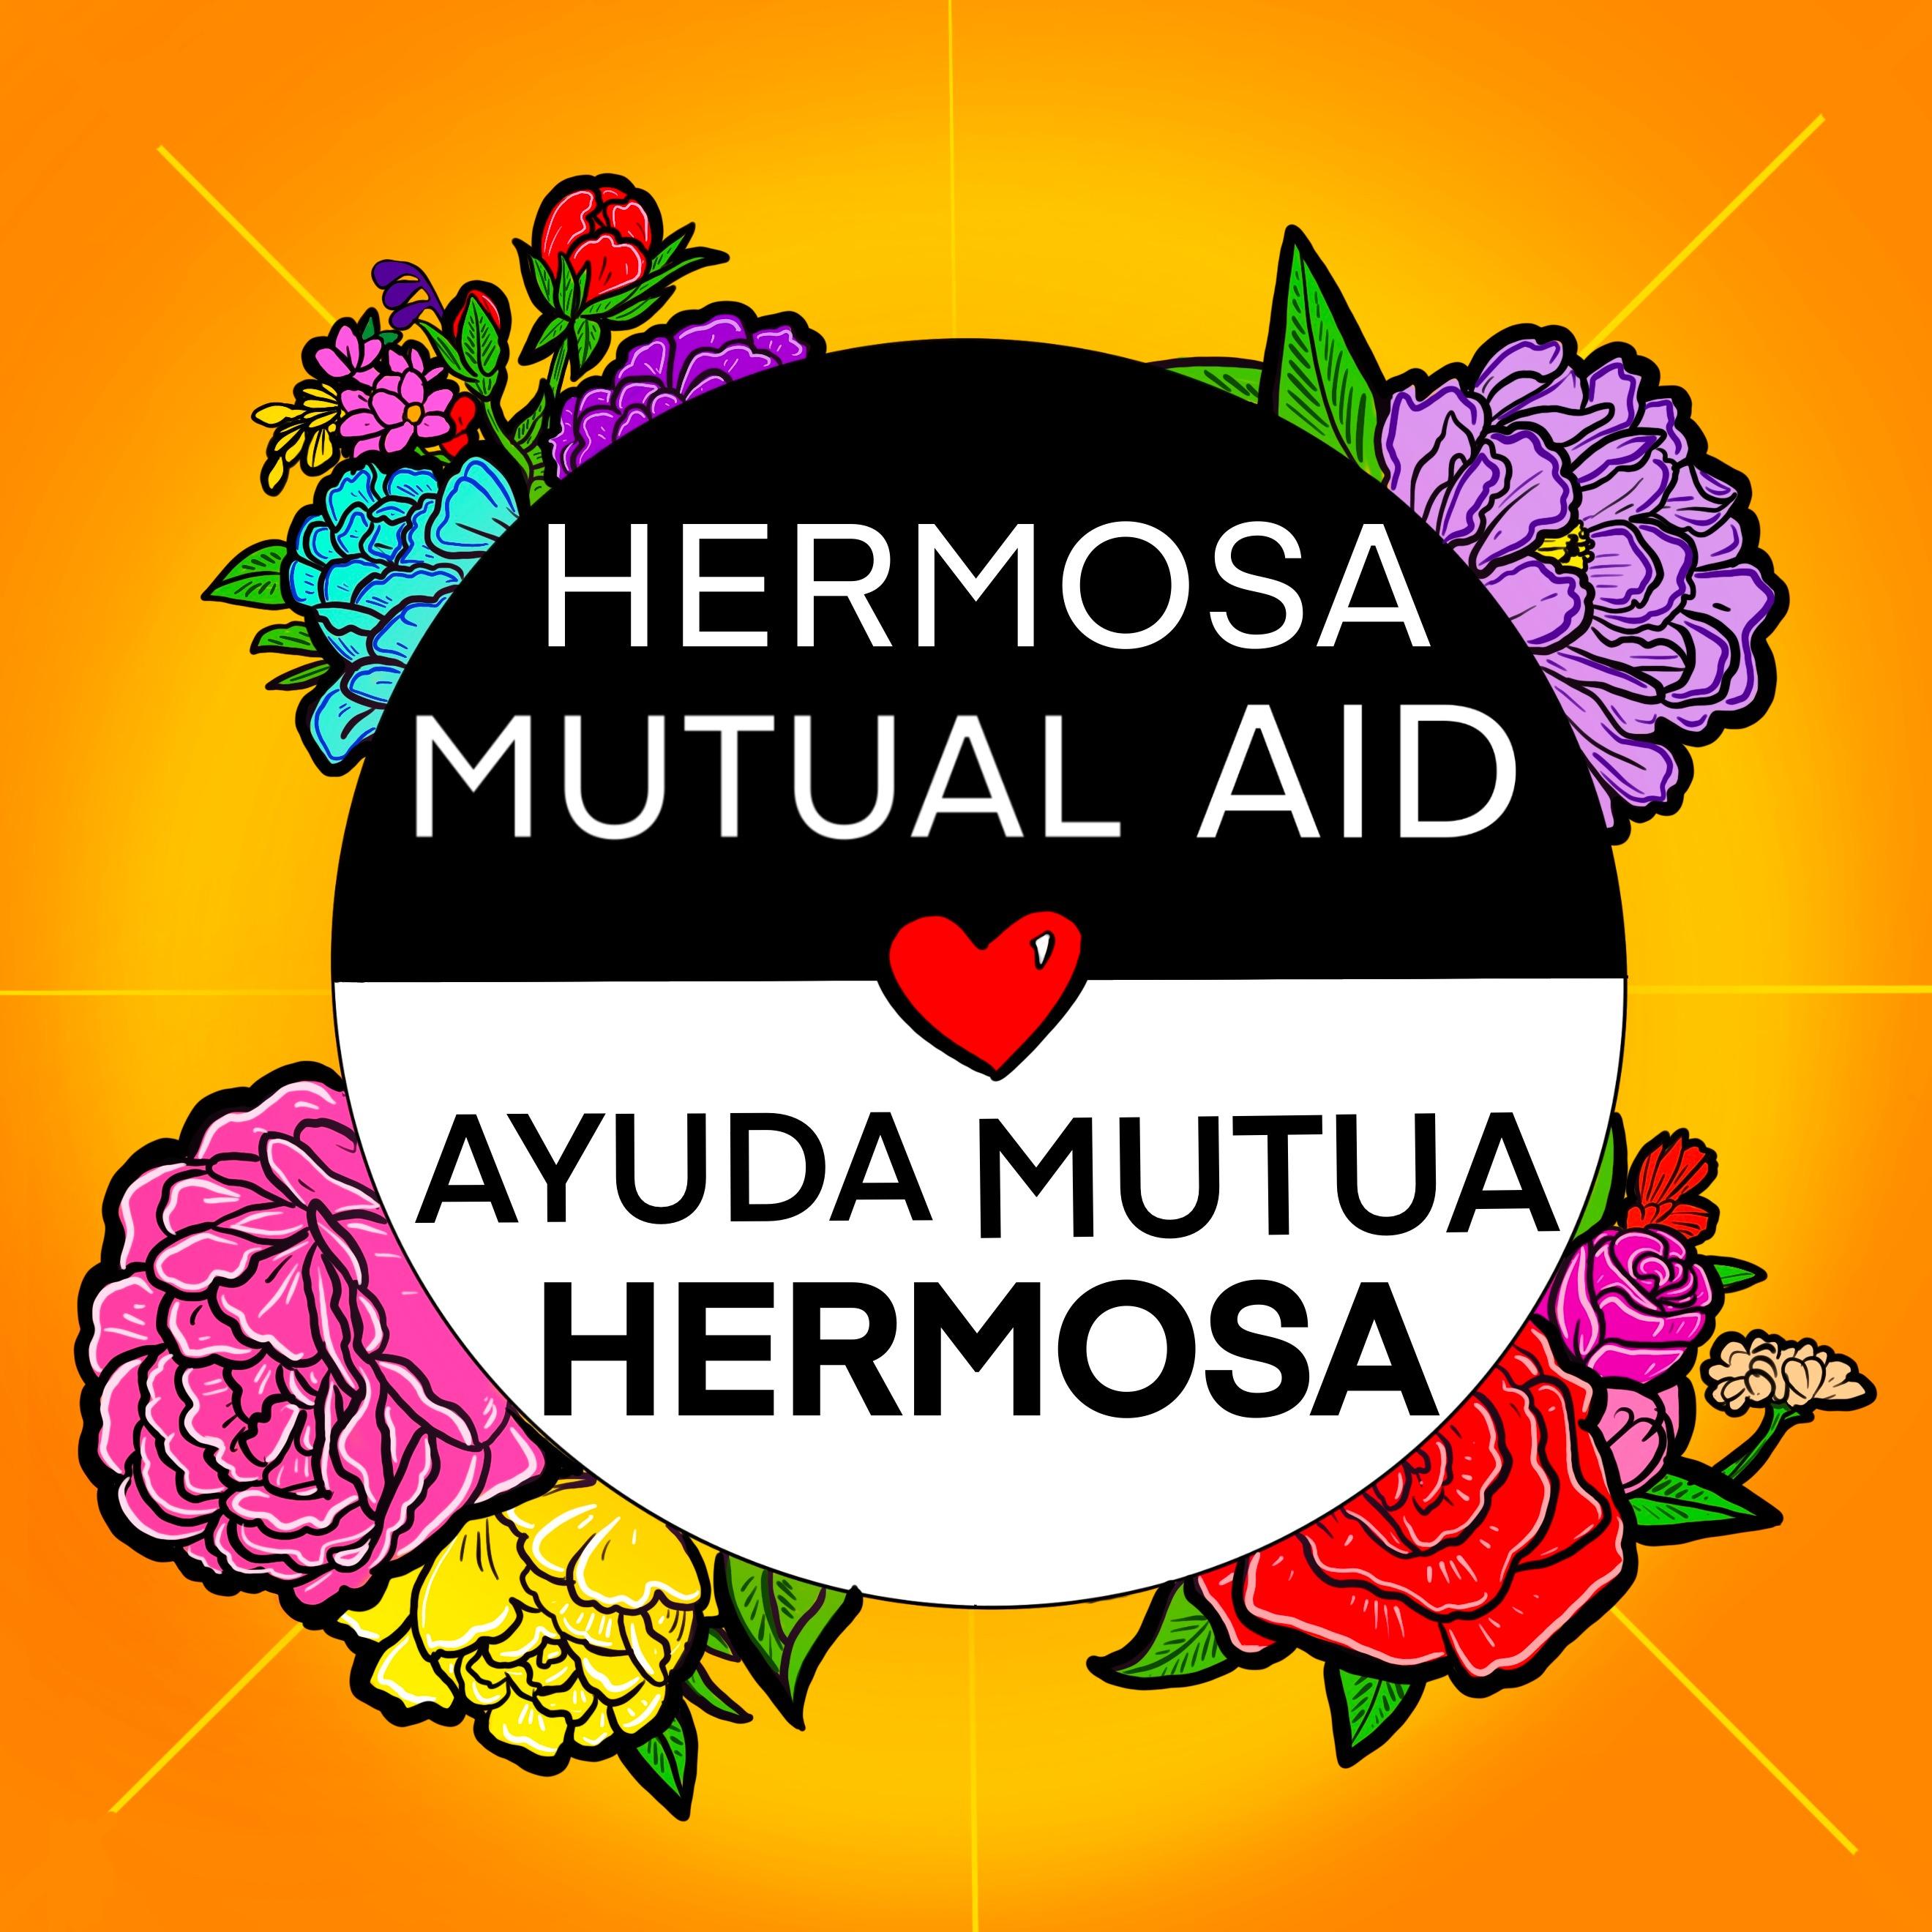 @hermosamutualaid Profile Image | Linktree